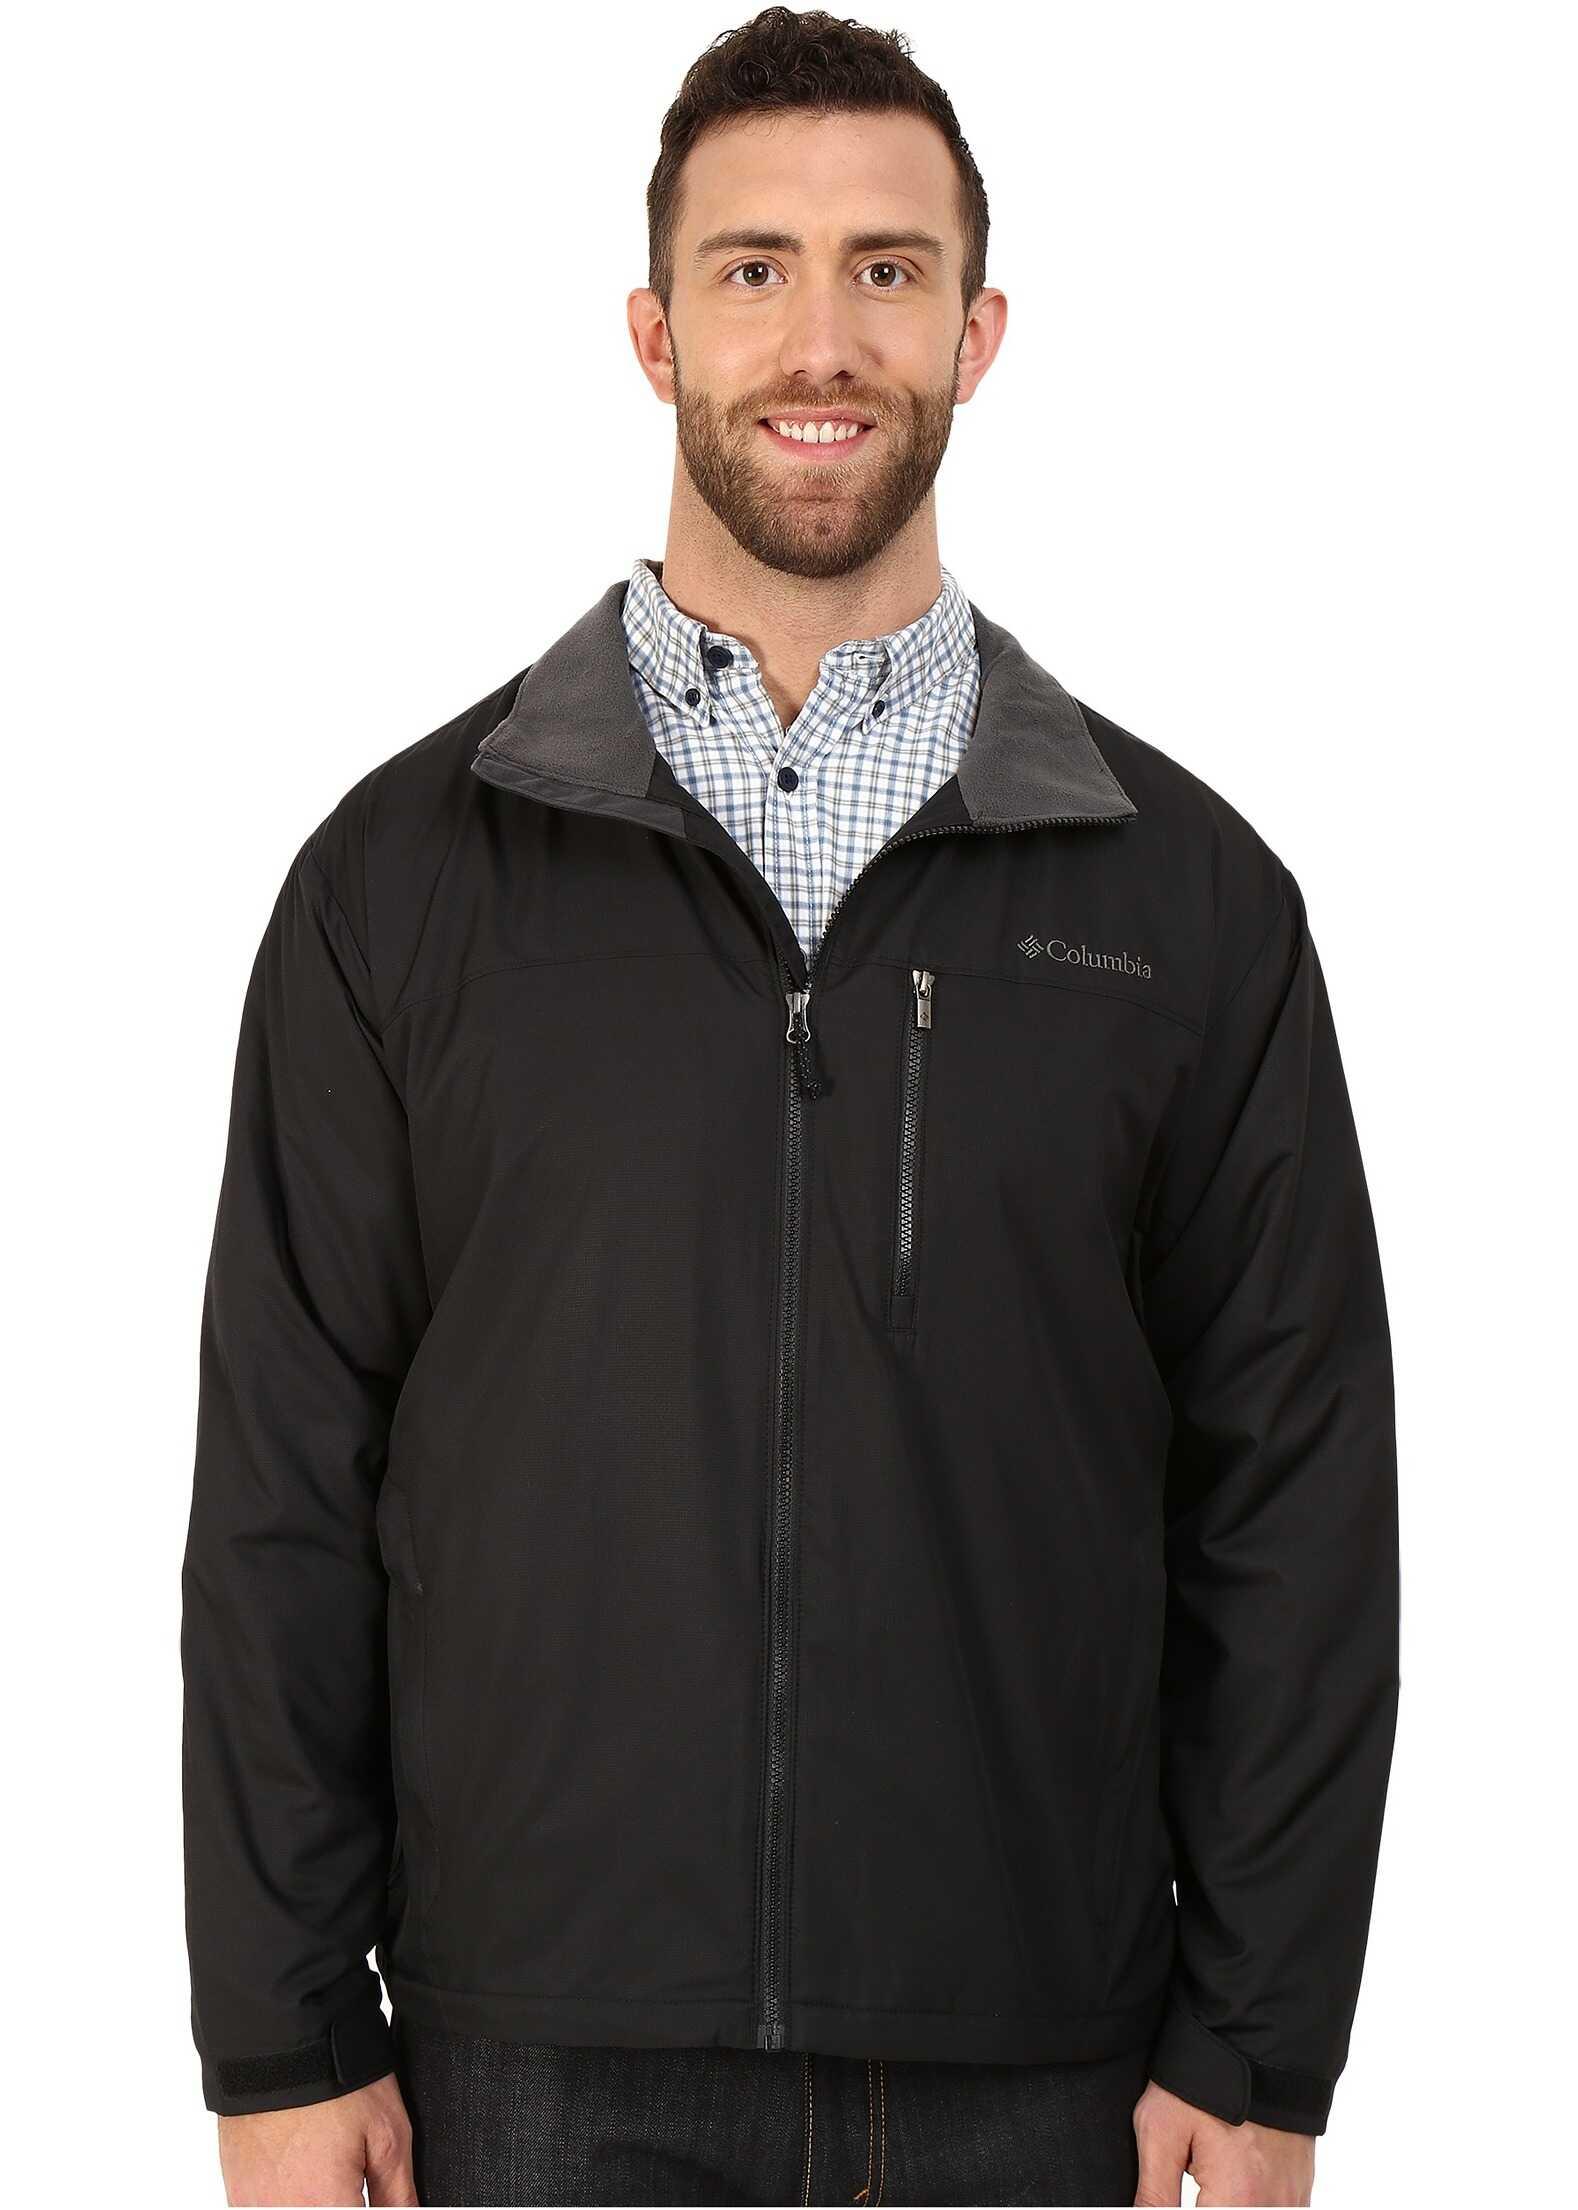 Columbia Big & Tall Utilizer™ Jacket Black